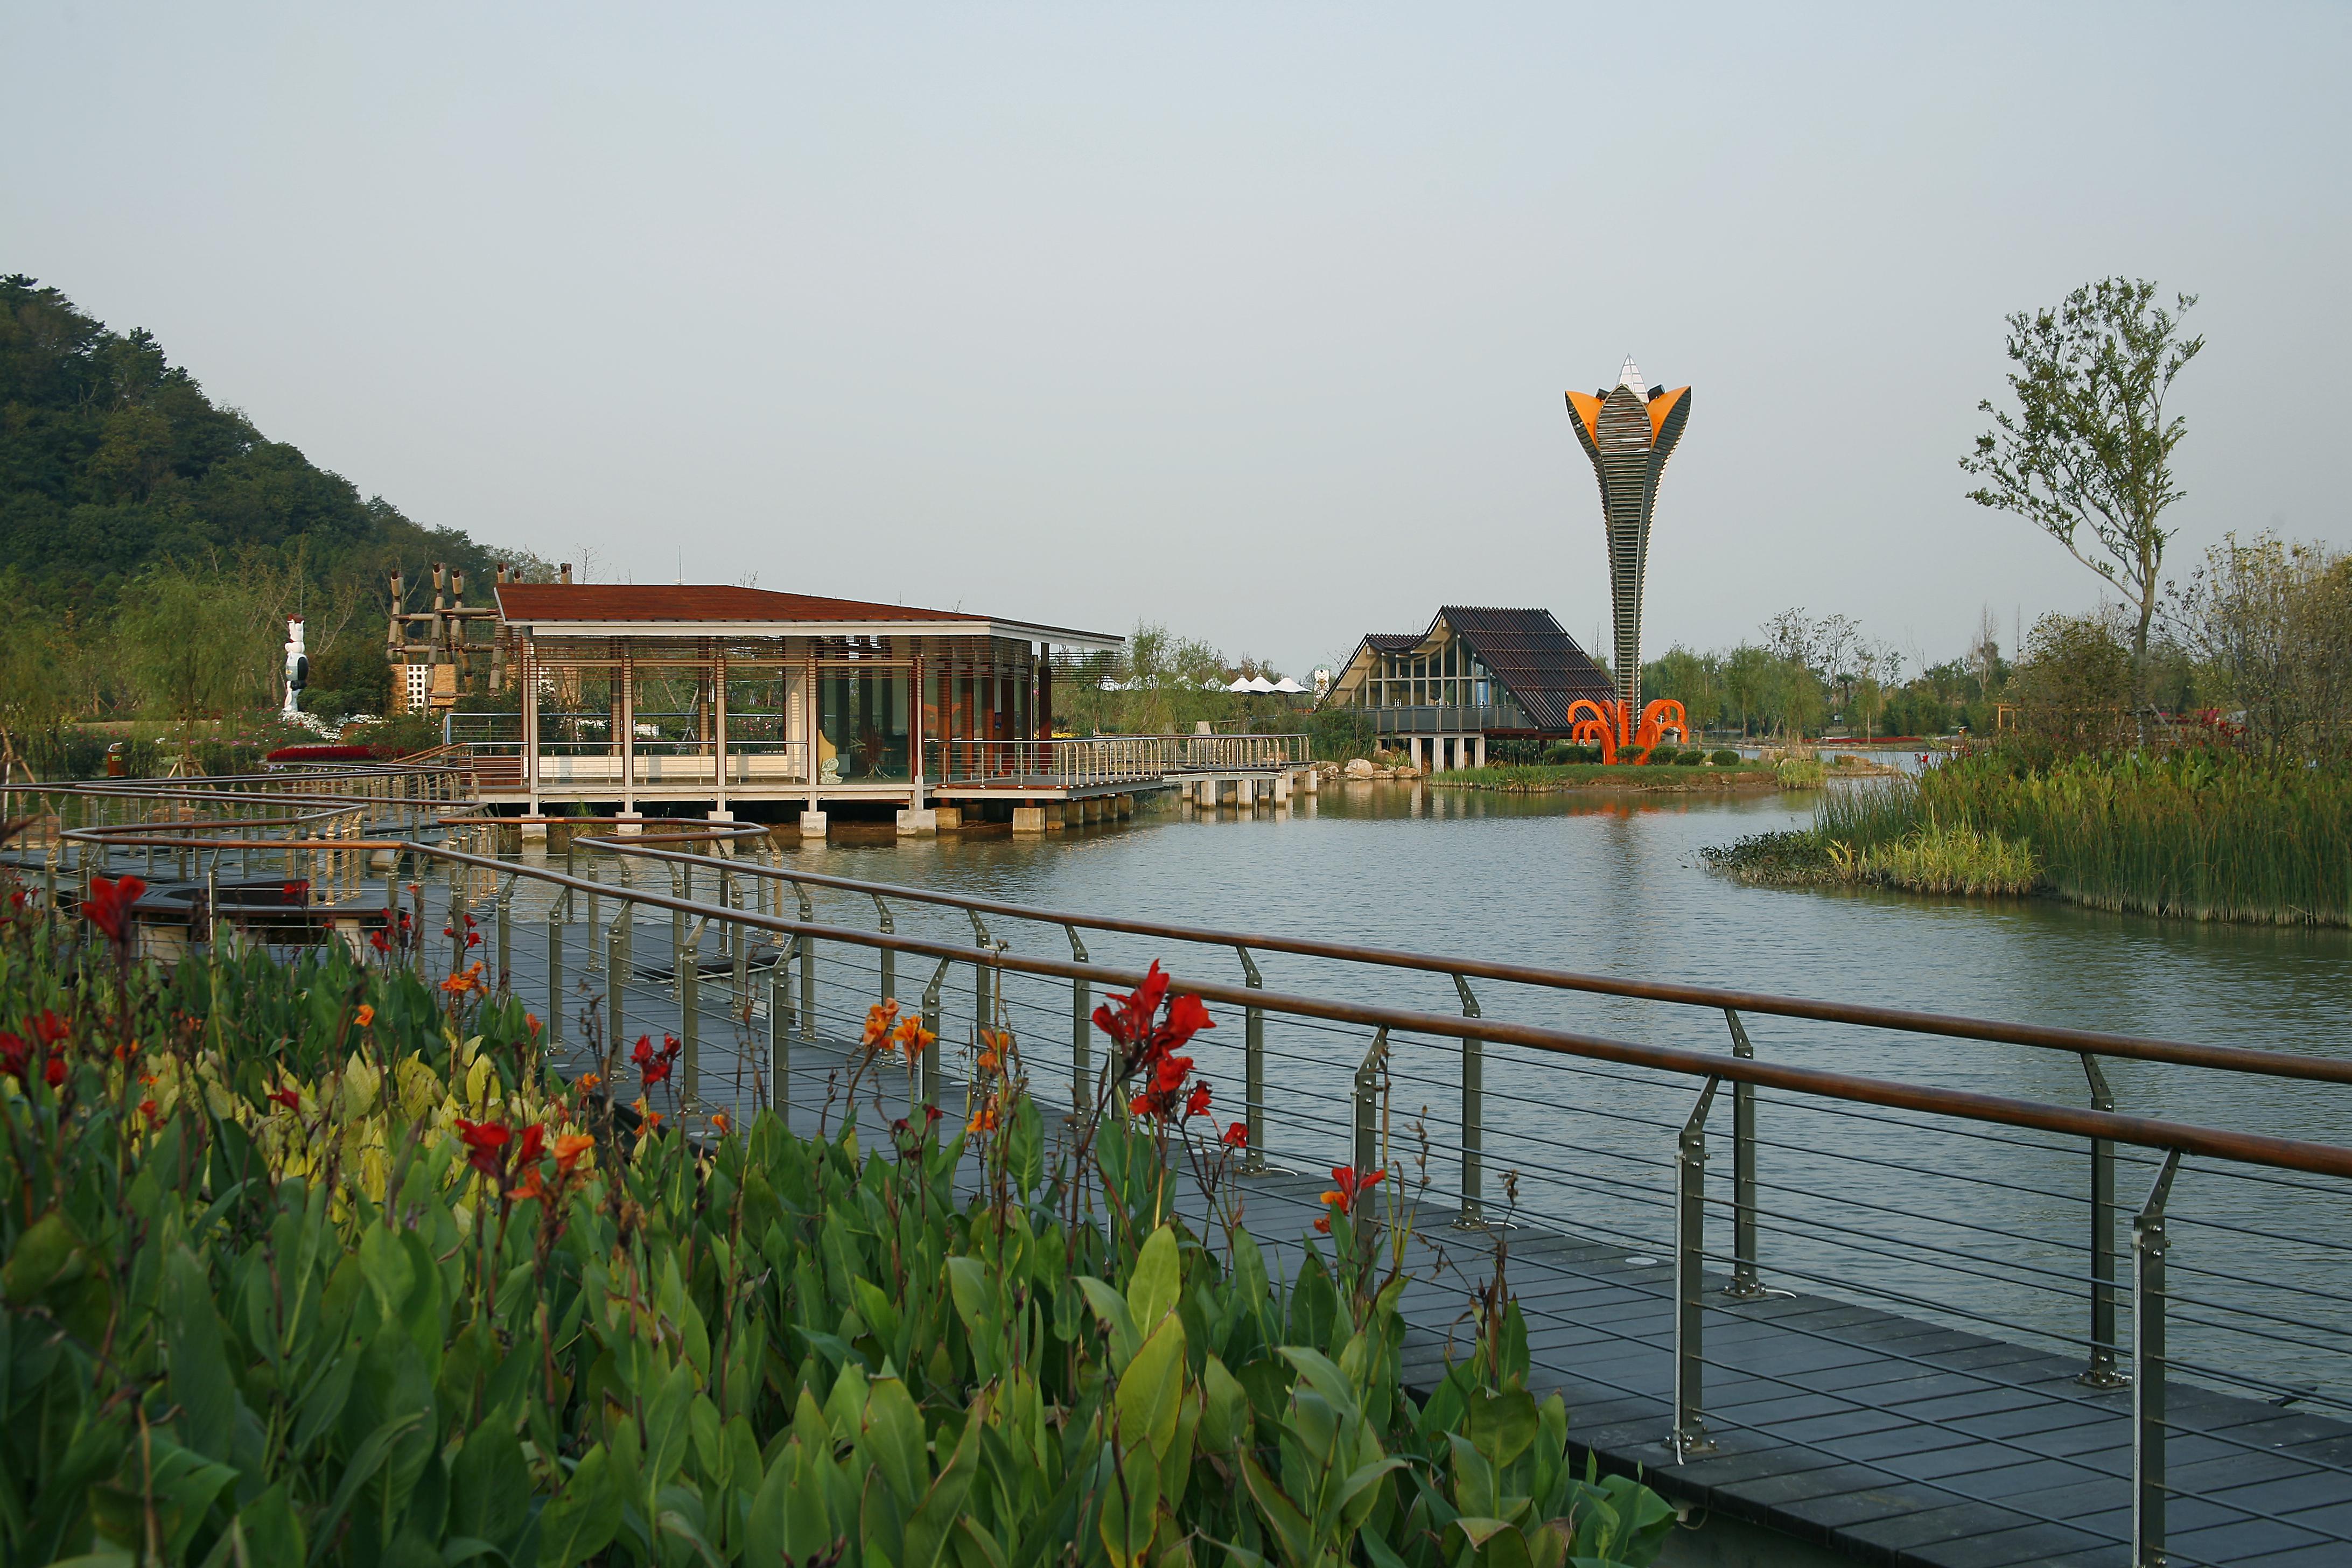 休闲娱乐团购 景点郊游 南通园艺博览园(滨江公园)   南 通园艺博览园